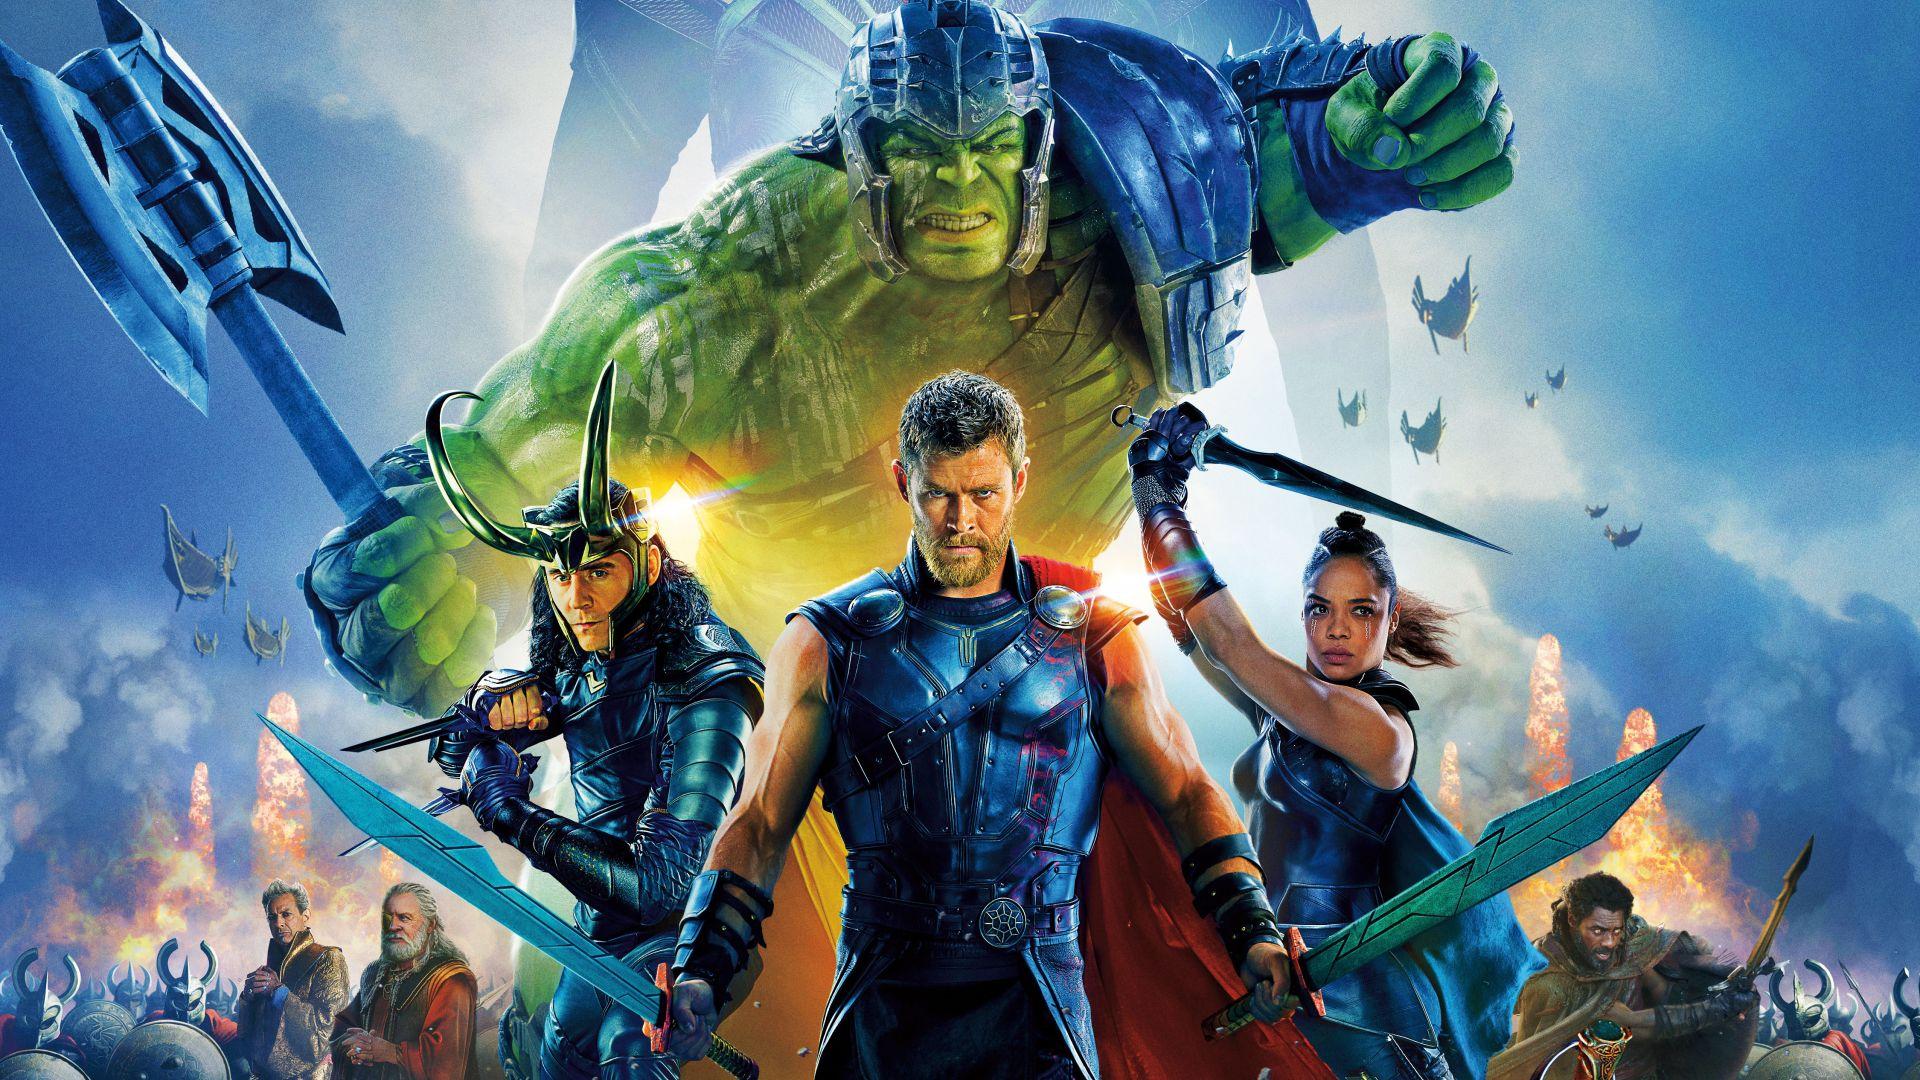 Wallpaper Thor: ragnarok, movie, poster, cast, 4k, 2017